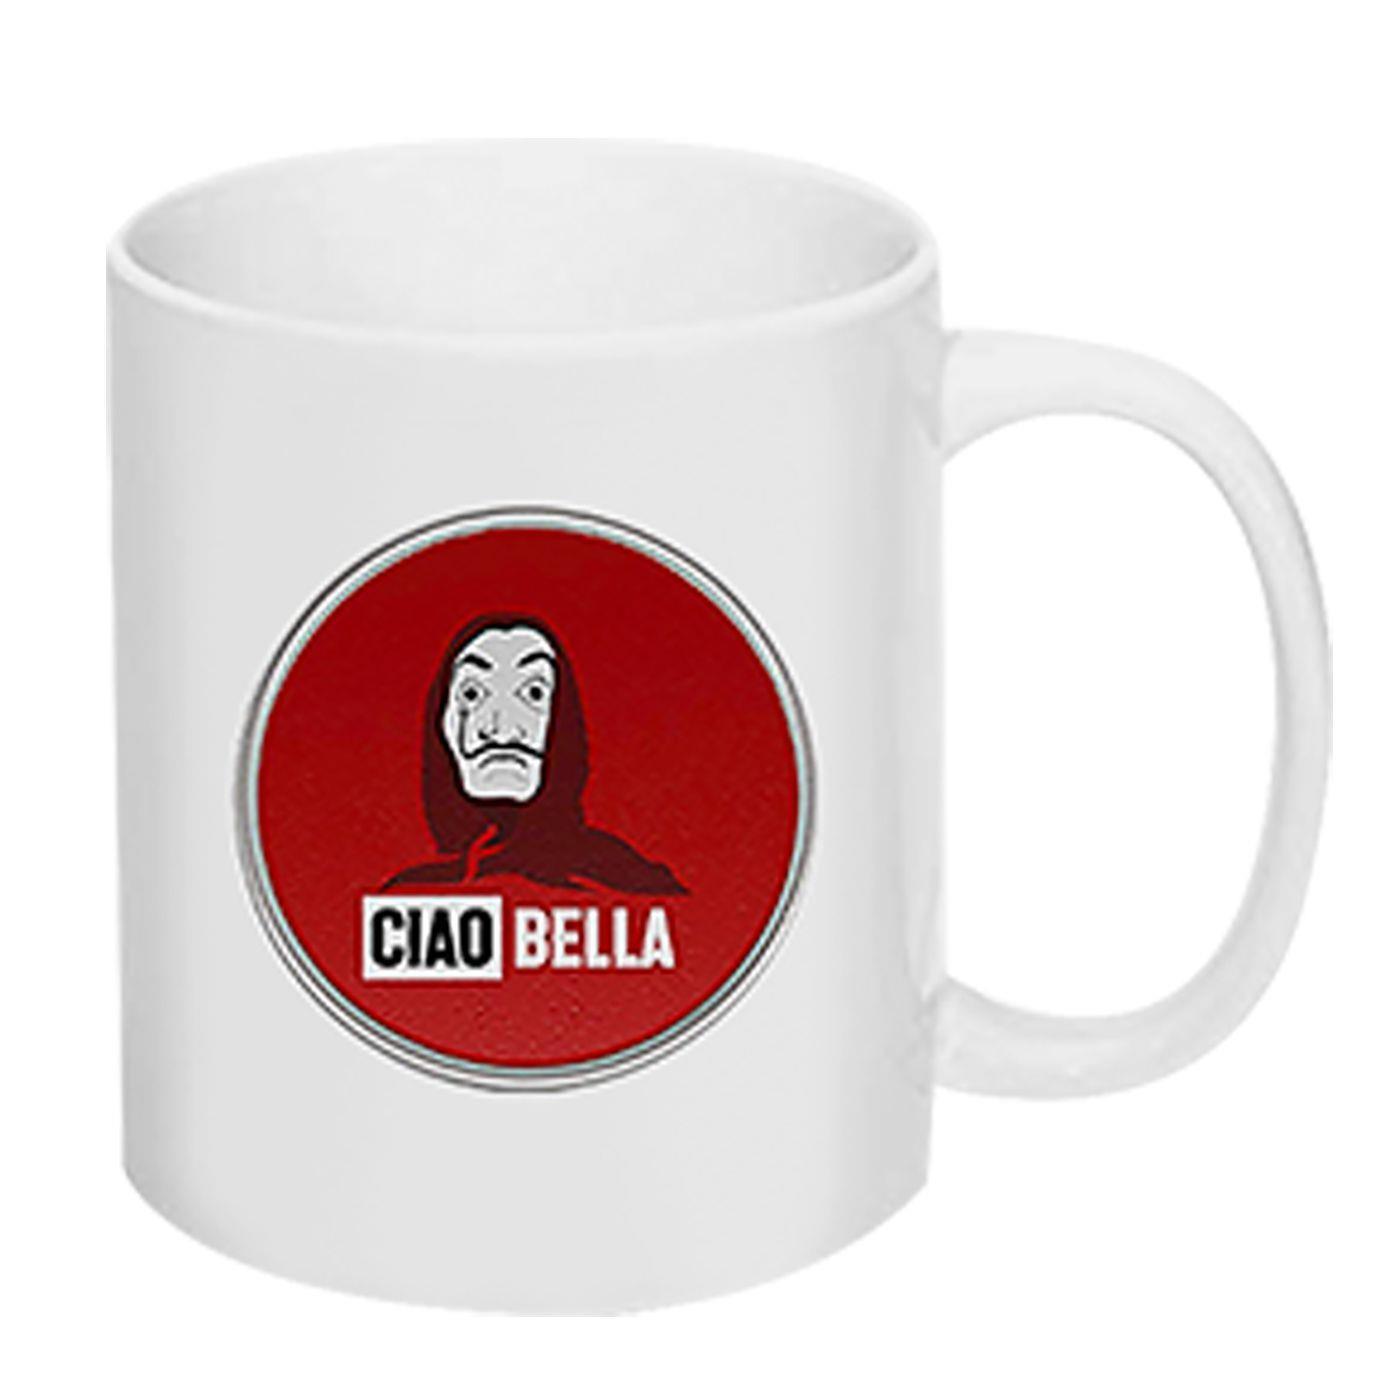 ΚΟΥΠΑ ΑΣΠΡΗ CIAO BELLA 350ml